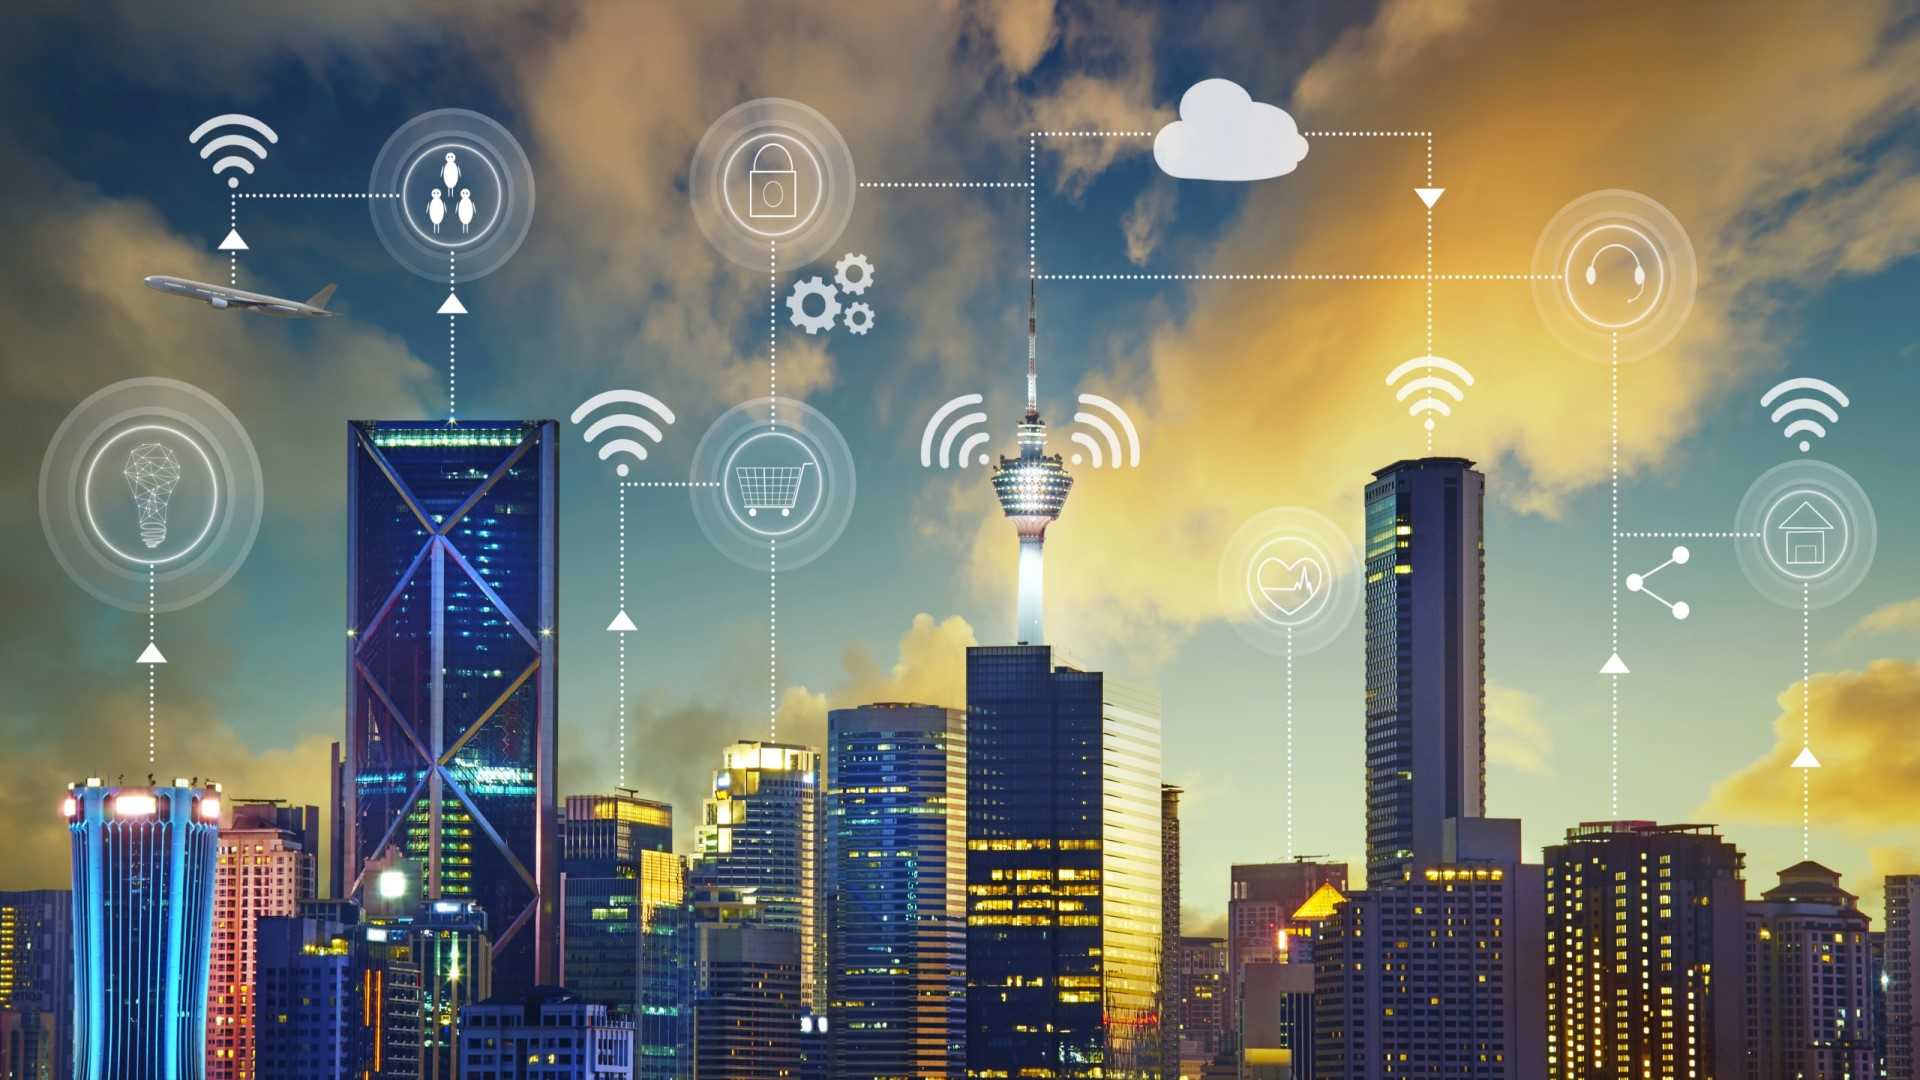 Edifici intelligenti e smart materials: la sfida della riqualificazione dell'esistente raccontata a Industria Italiana